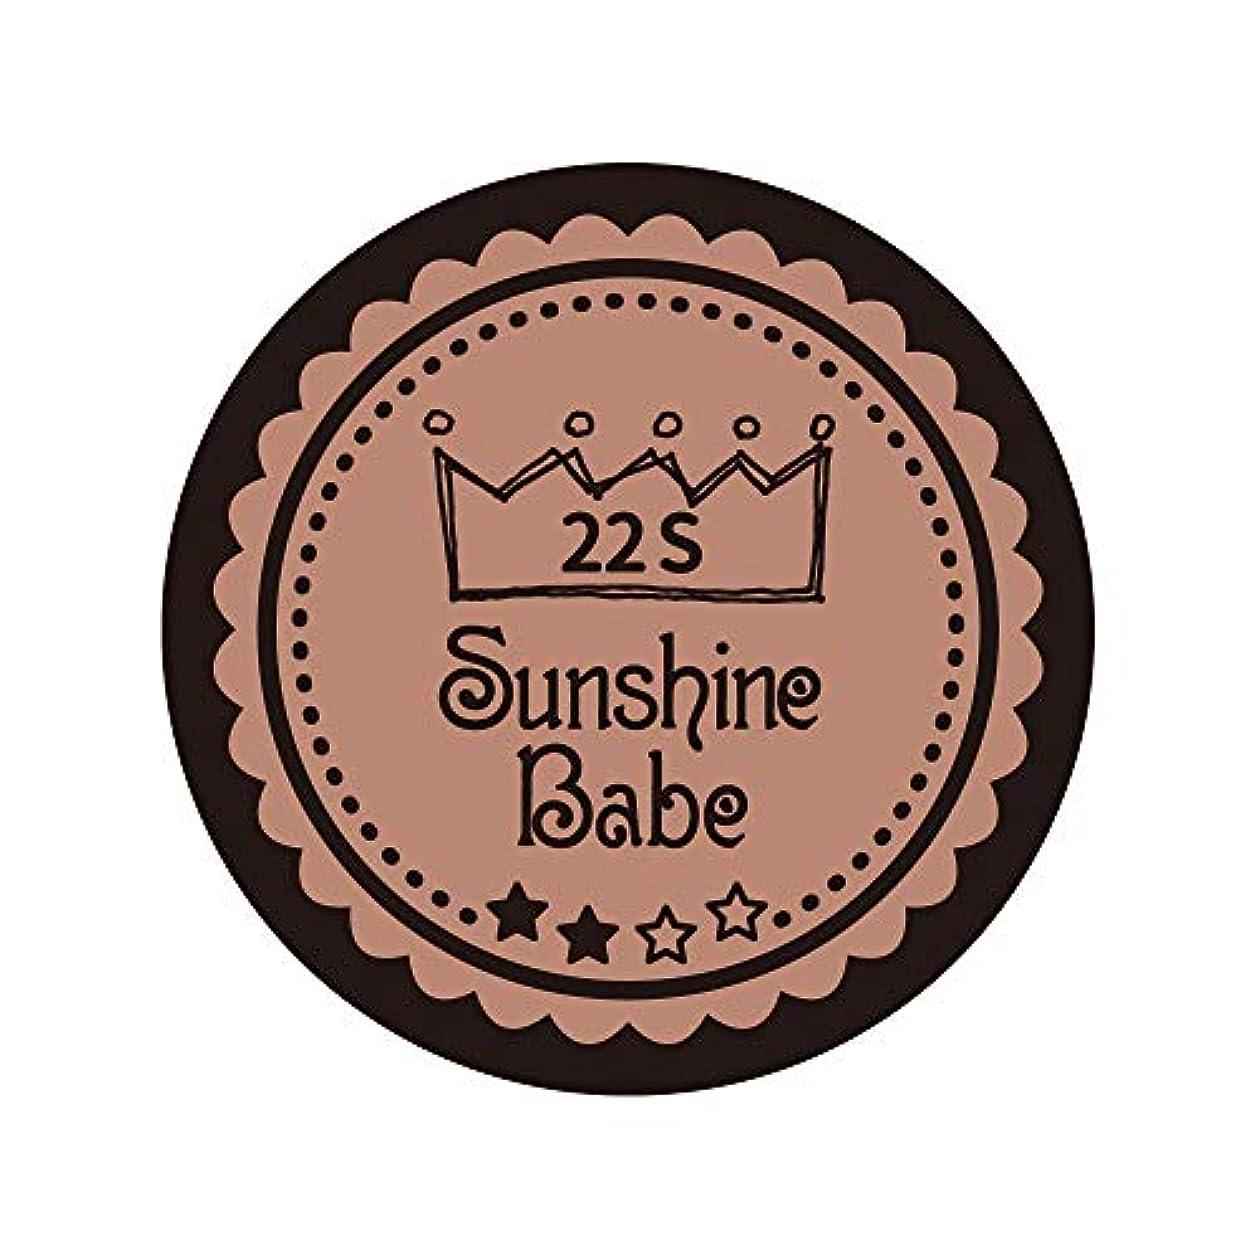 バーベキュー計算する好奇心盛Sunshine Babe カラージェル 22S パレロワイヤル 2.7g UV/LED対応